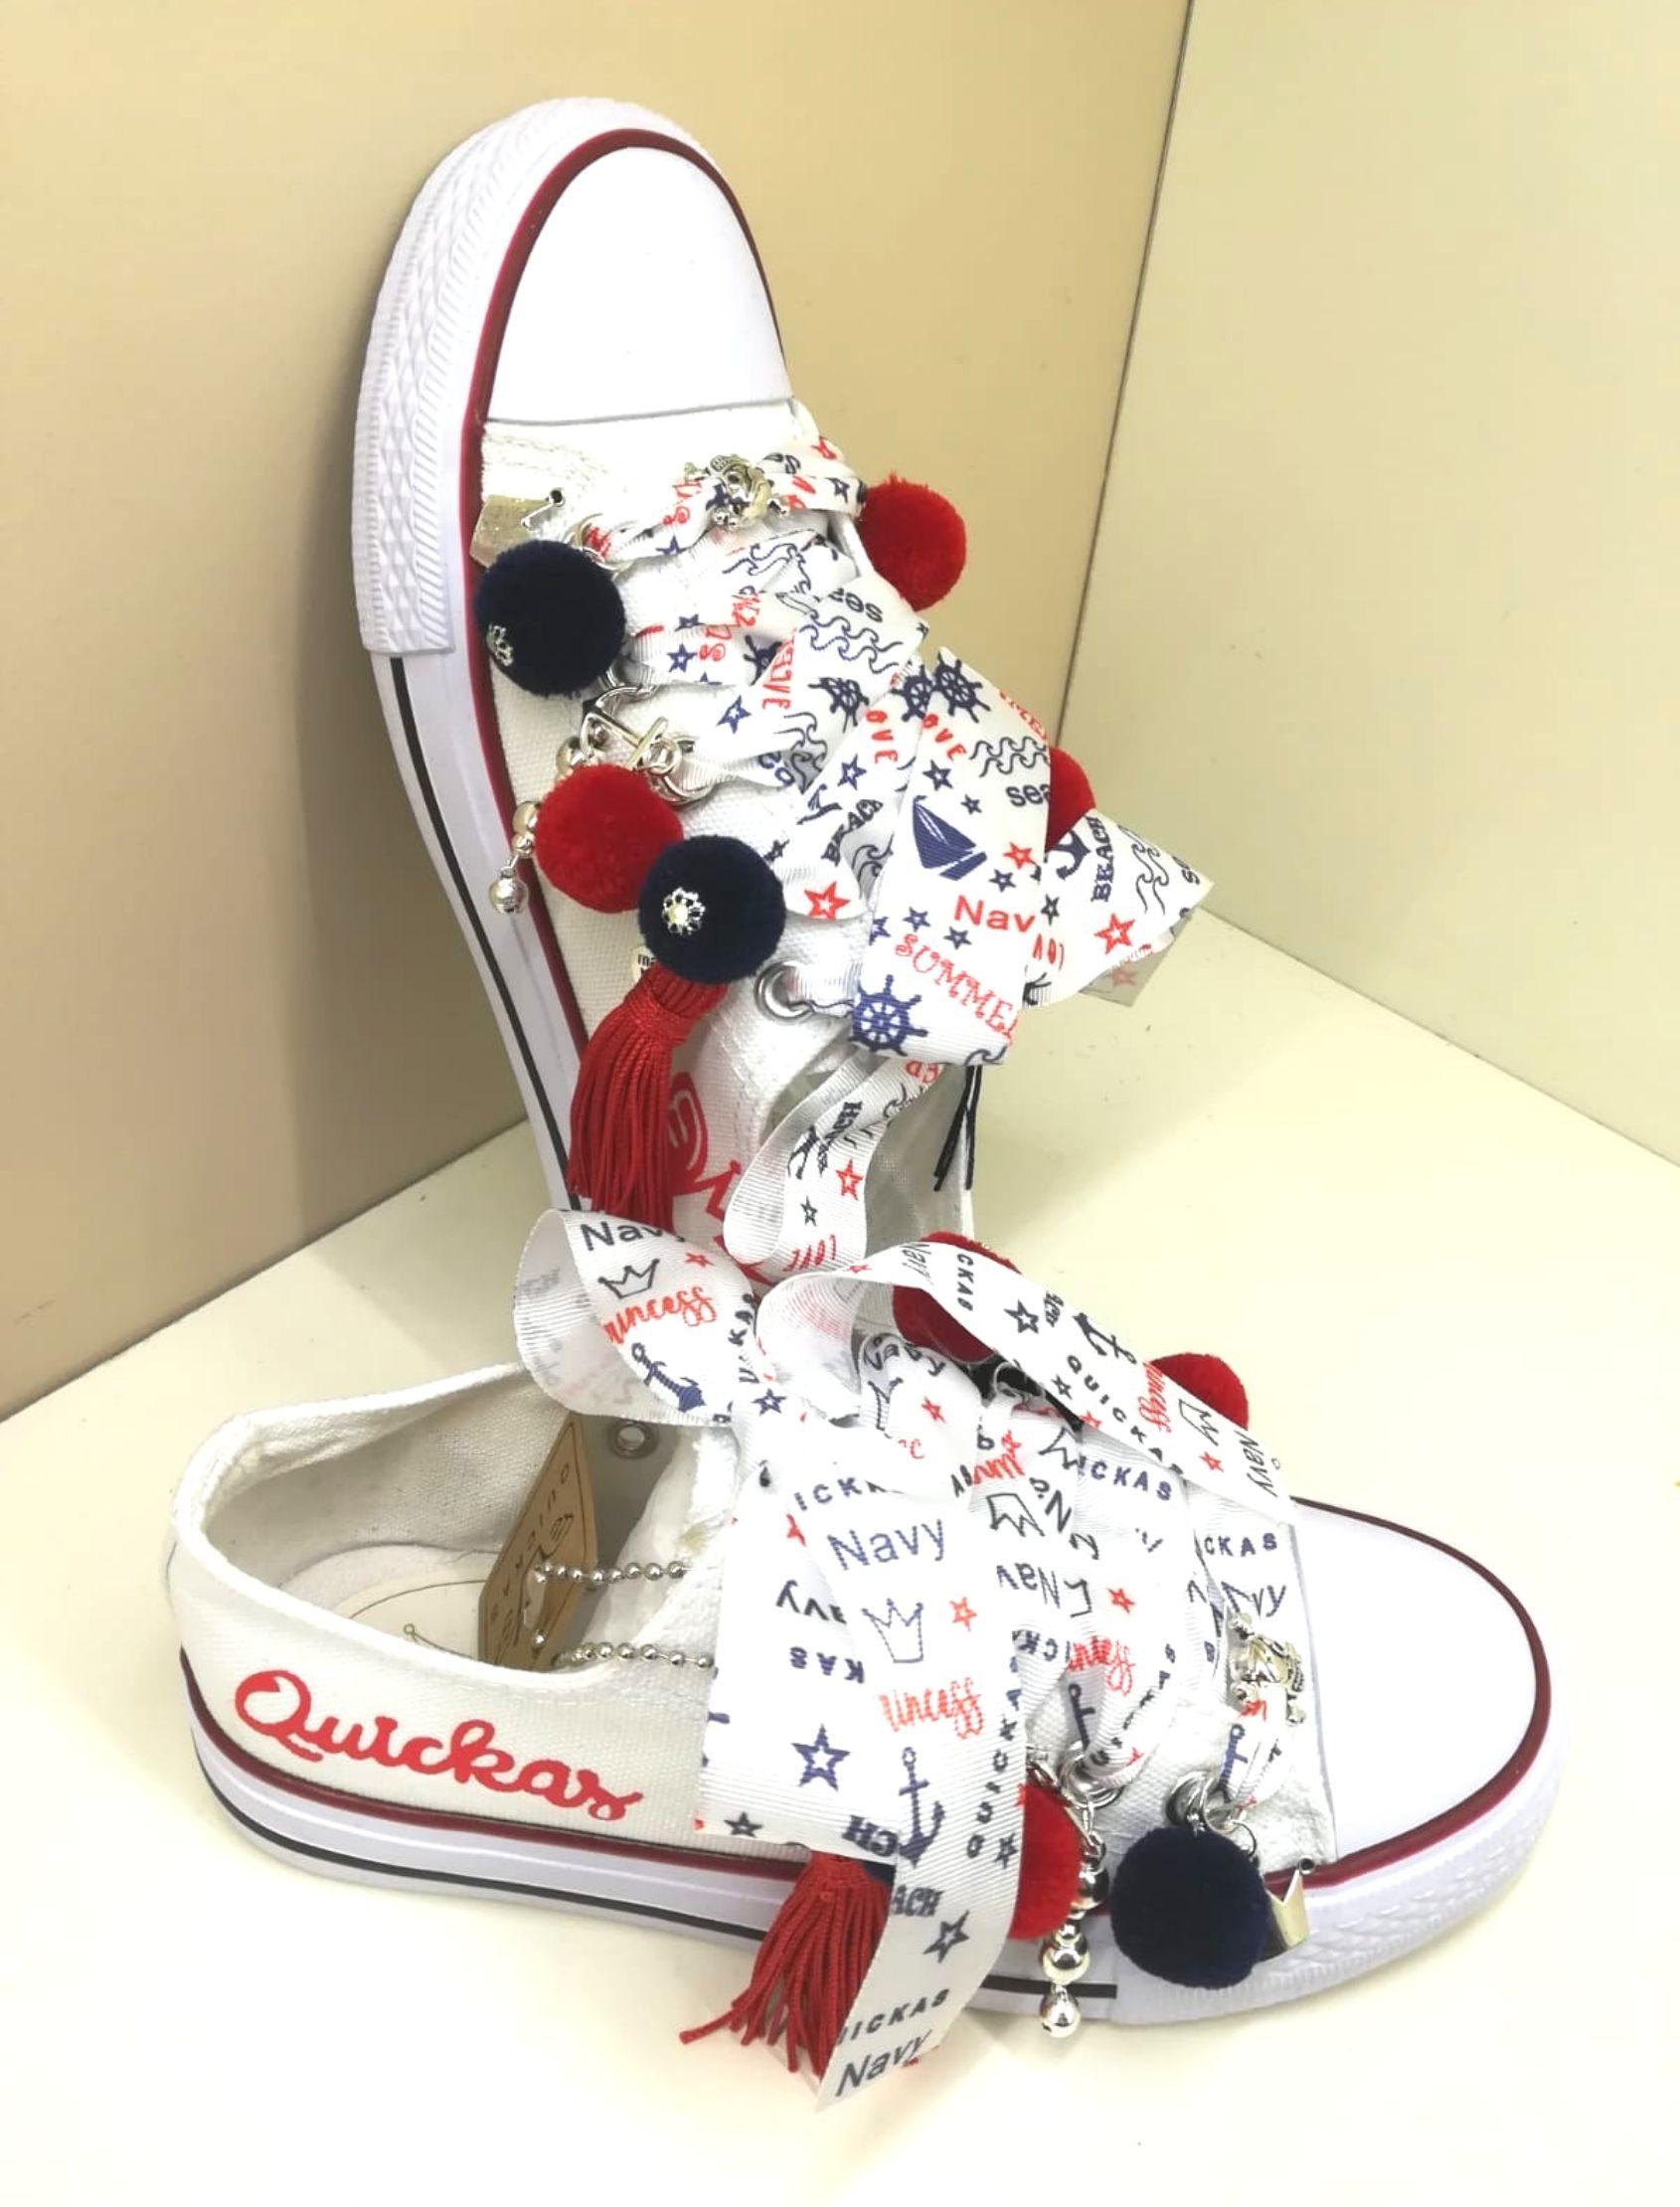 sneakers navy de la marca quickas de tela para niñas en blanco con pompones en azul y rojo